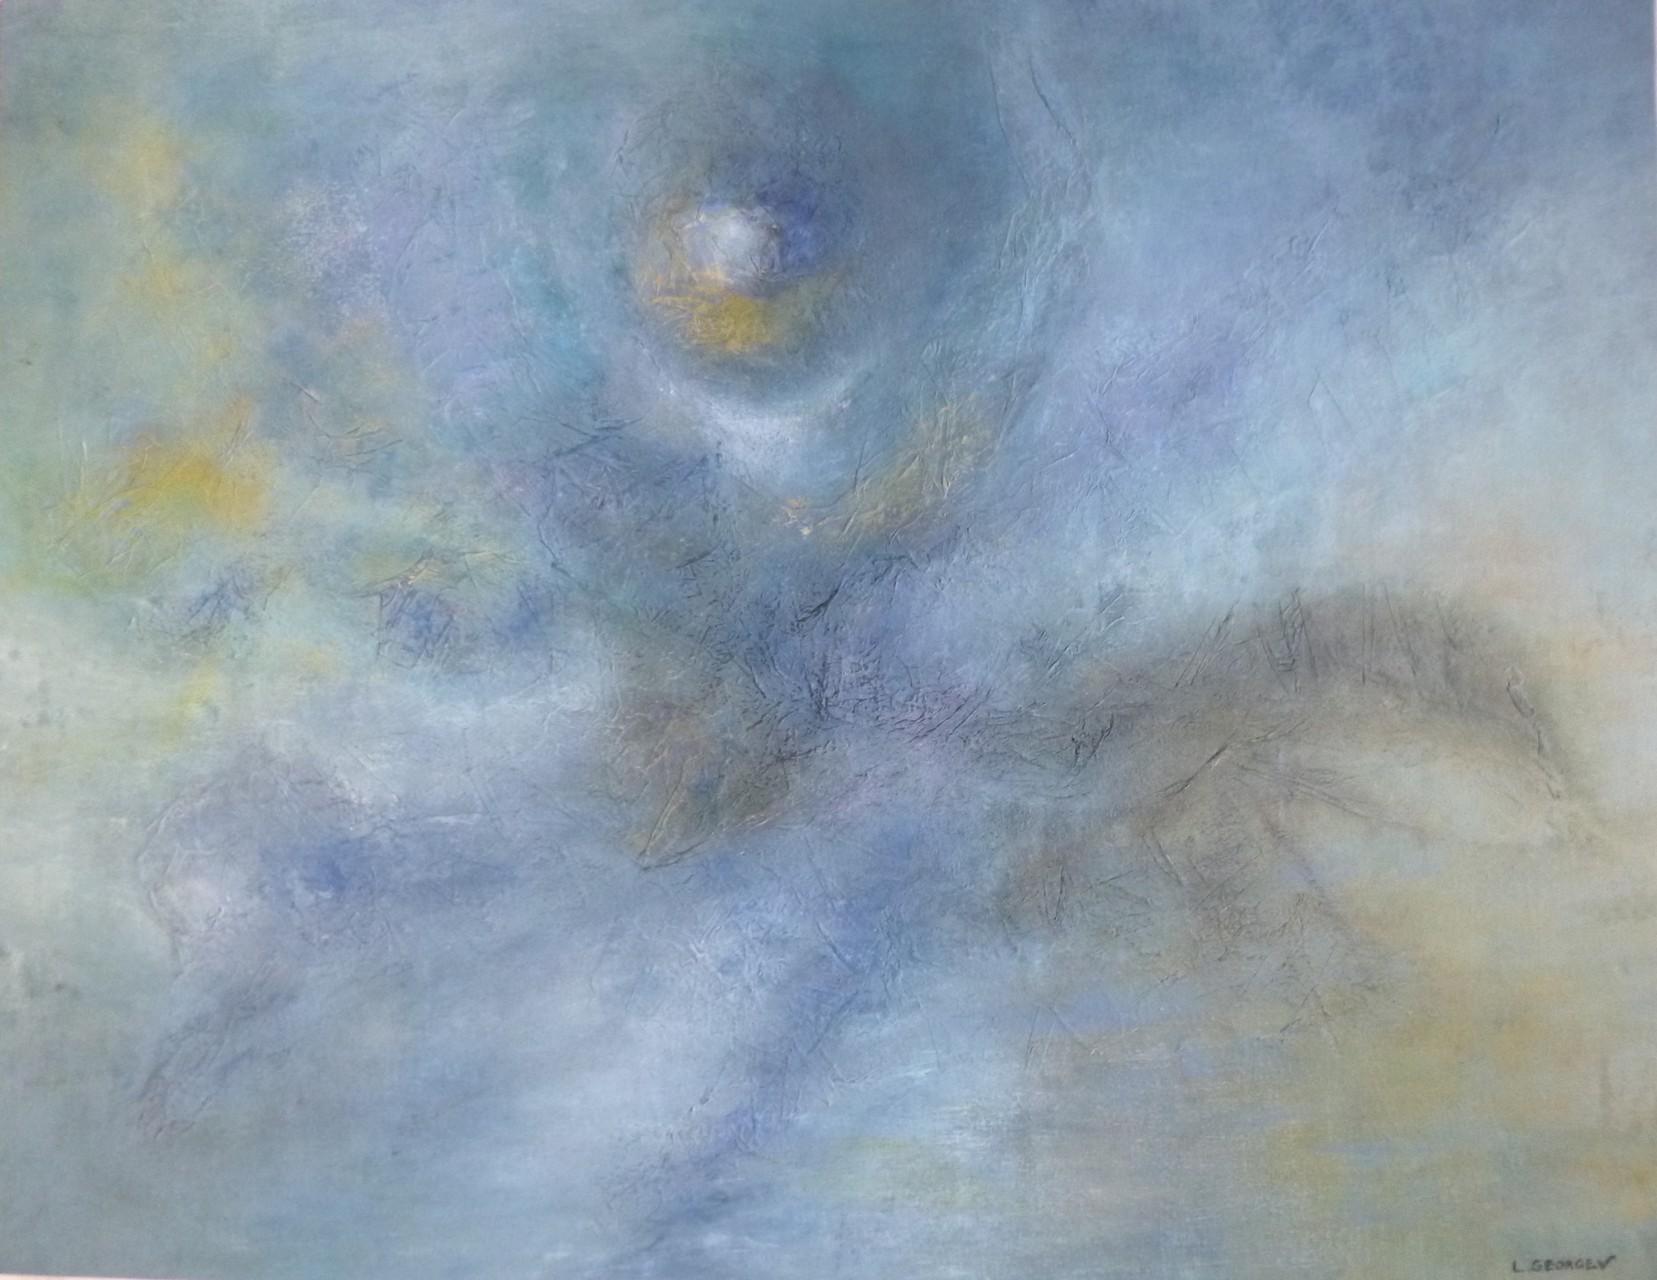 GRAND BLEU, techniques mixtes sur toile, 50x65cm